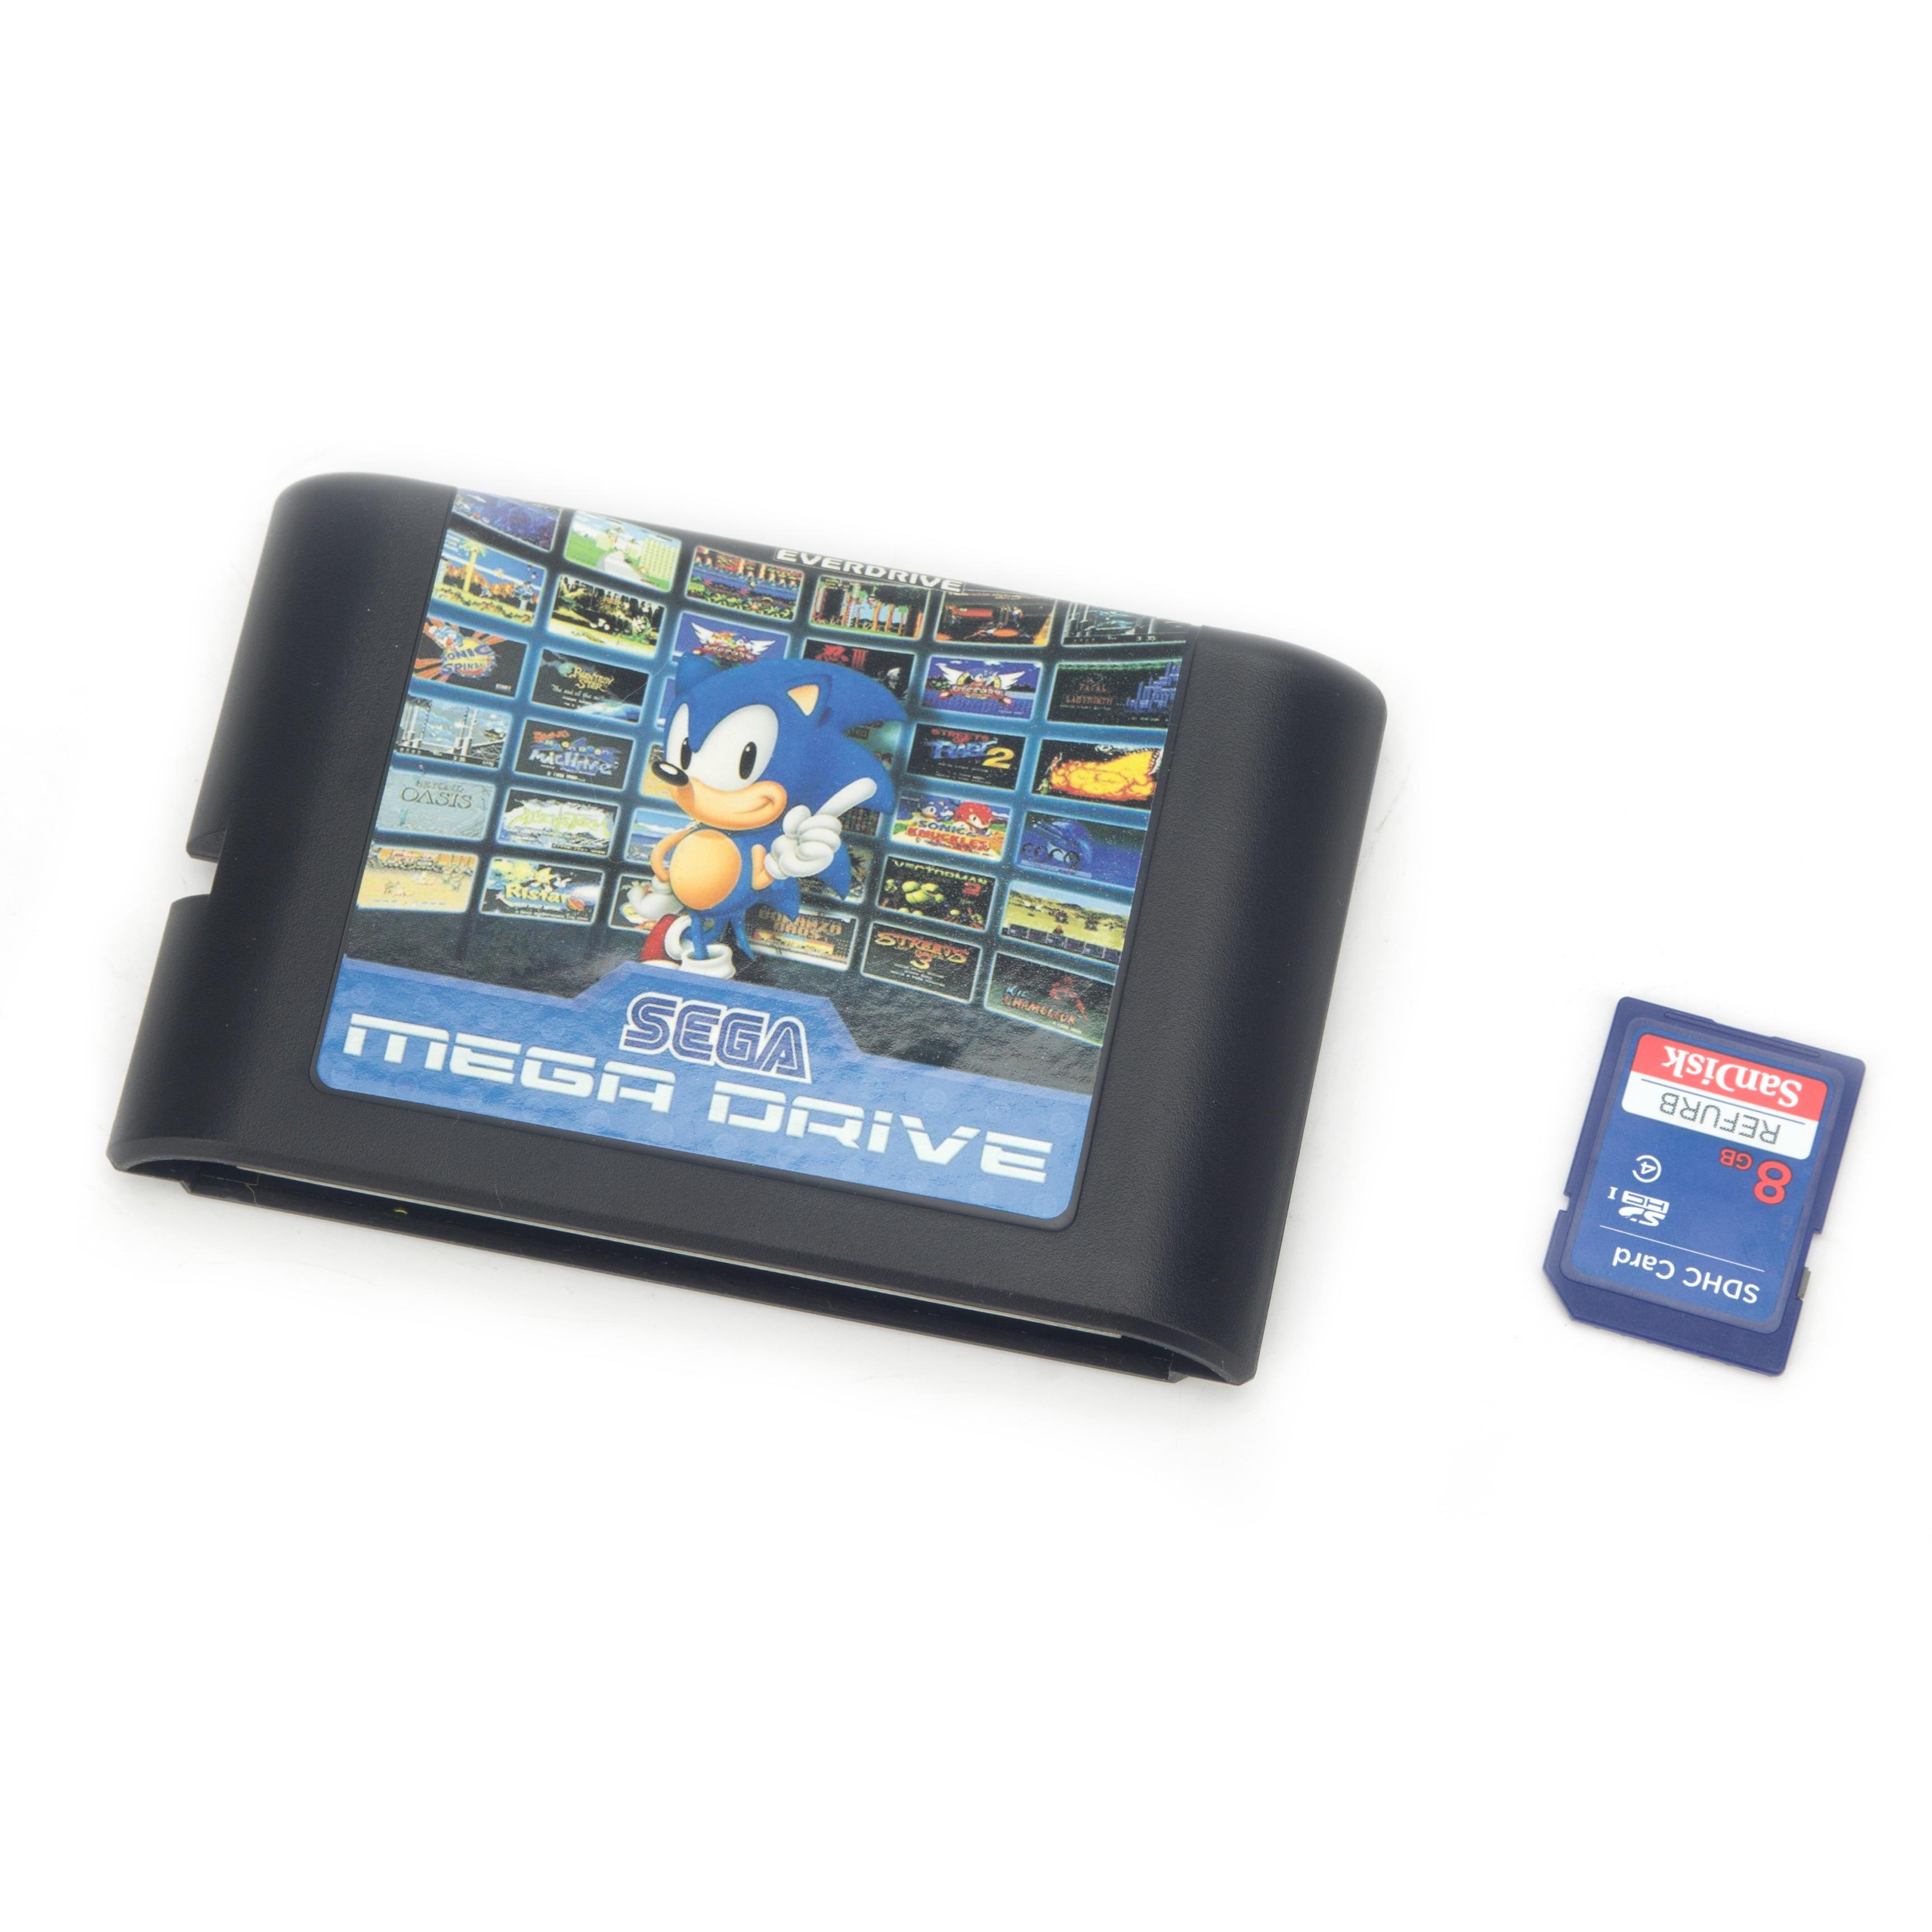 820 en 1 cartouche de jeu 16 bits carte de jeu pour Sega Mega Drive Genesis cartouche de jeu Contra Gunstar Heroes Alien soldat rues